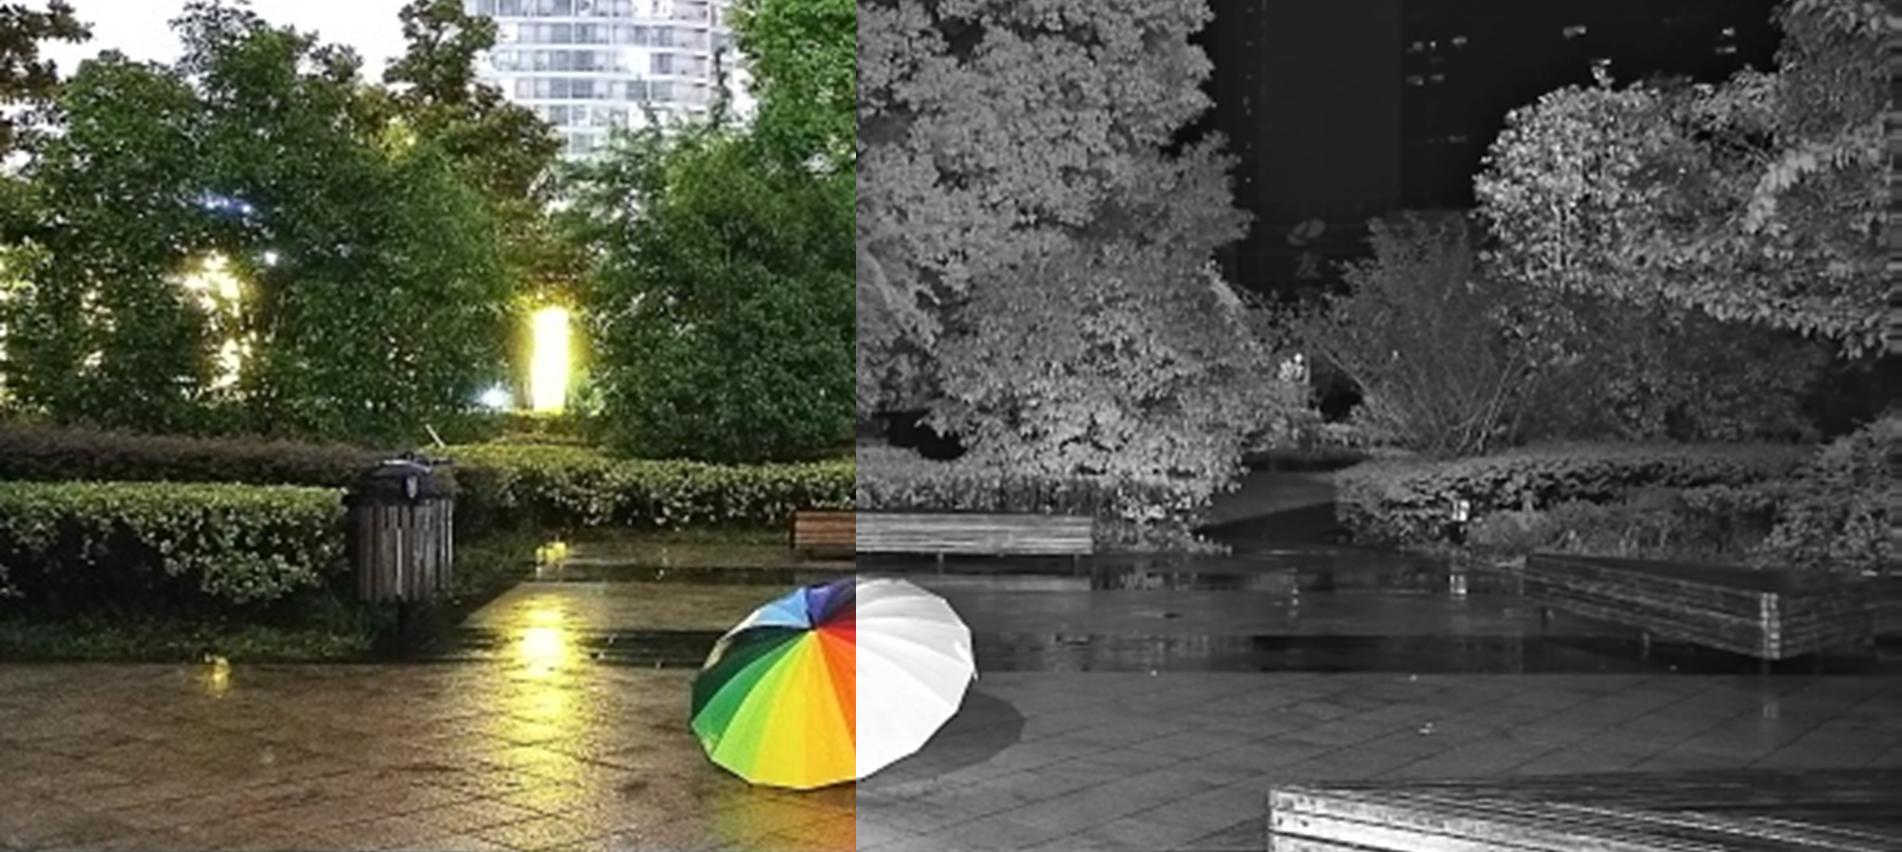 Mit der Dahua KI-Full-Color-Lösung wird die Nacht so farbenfroh wie der Tag